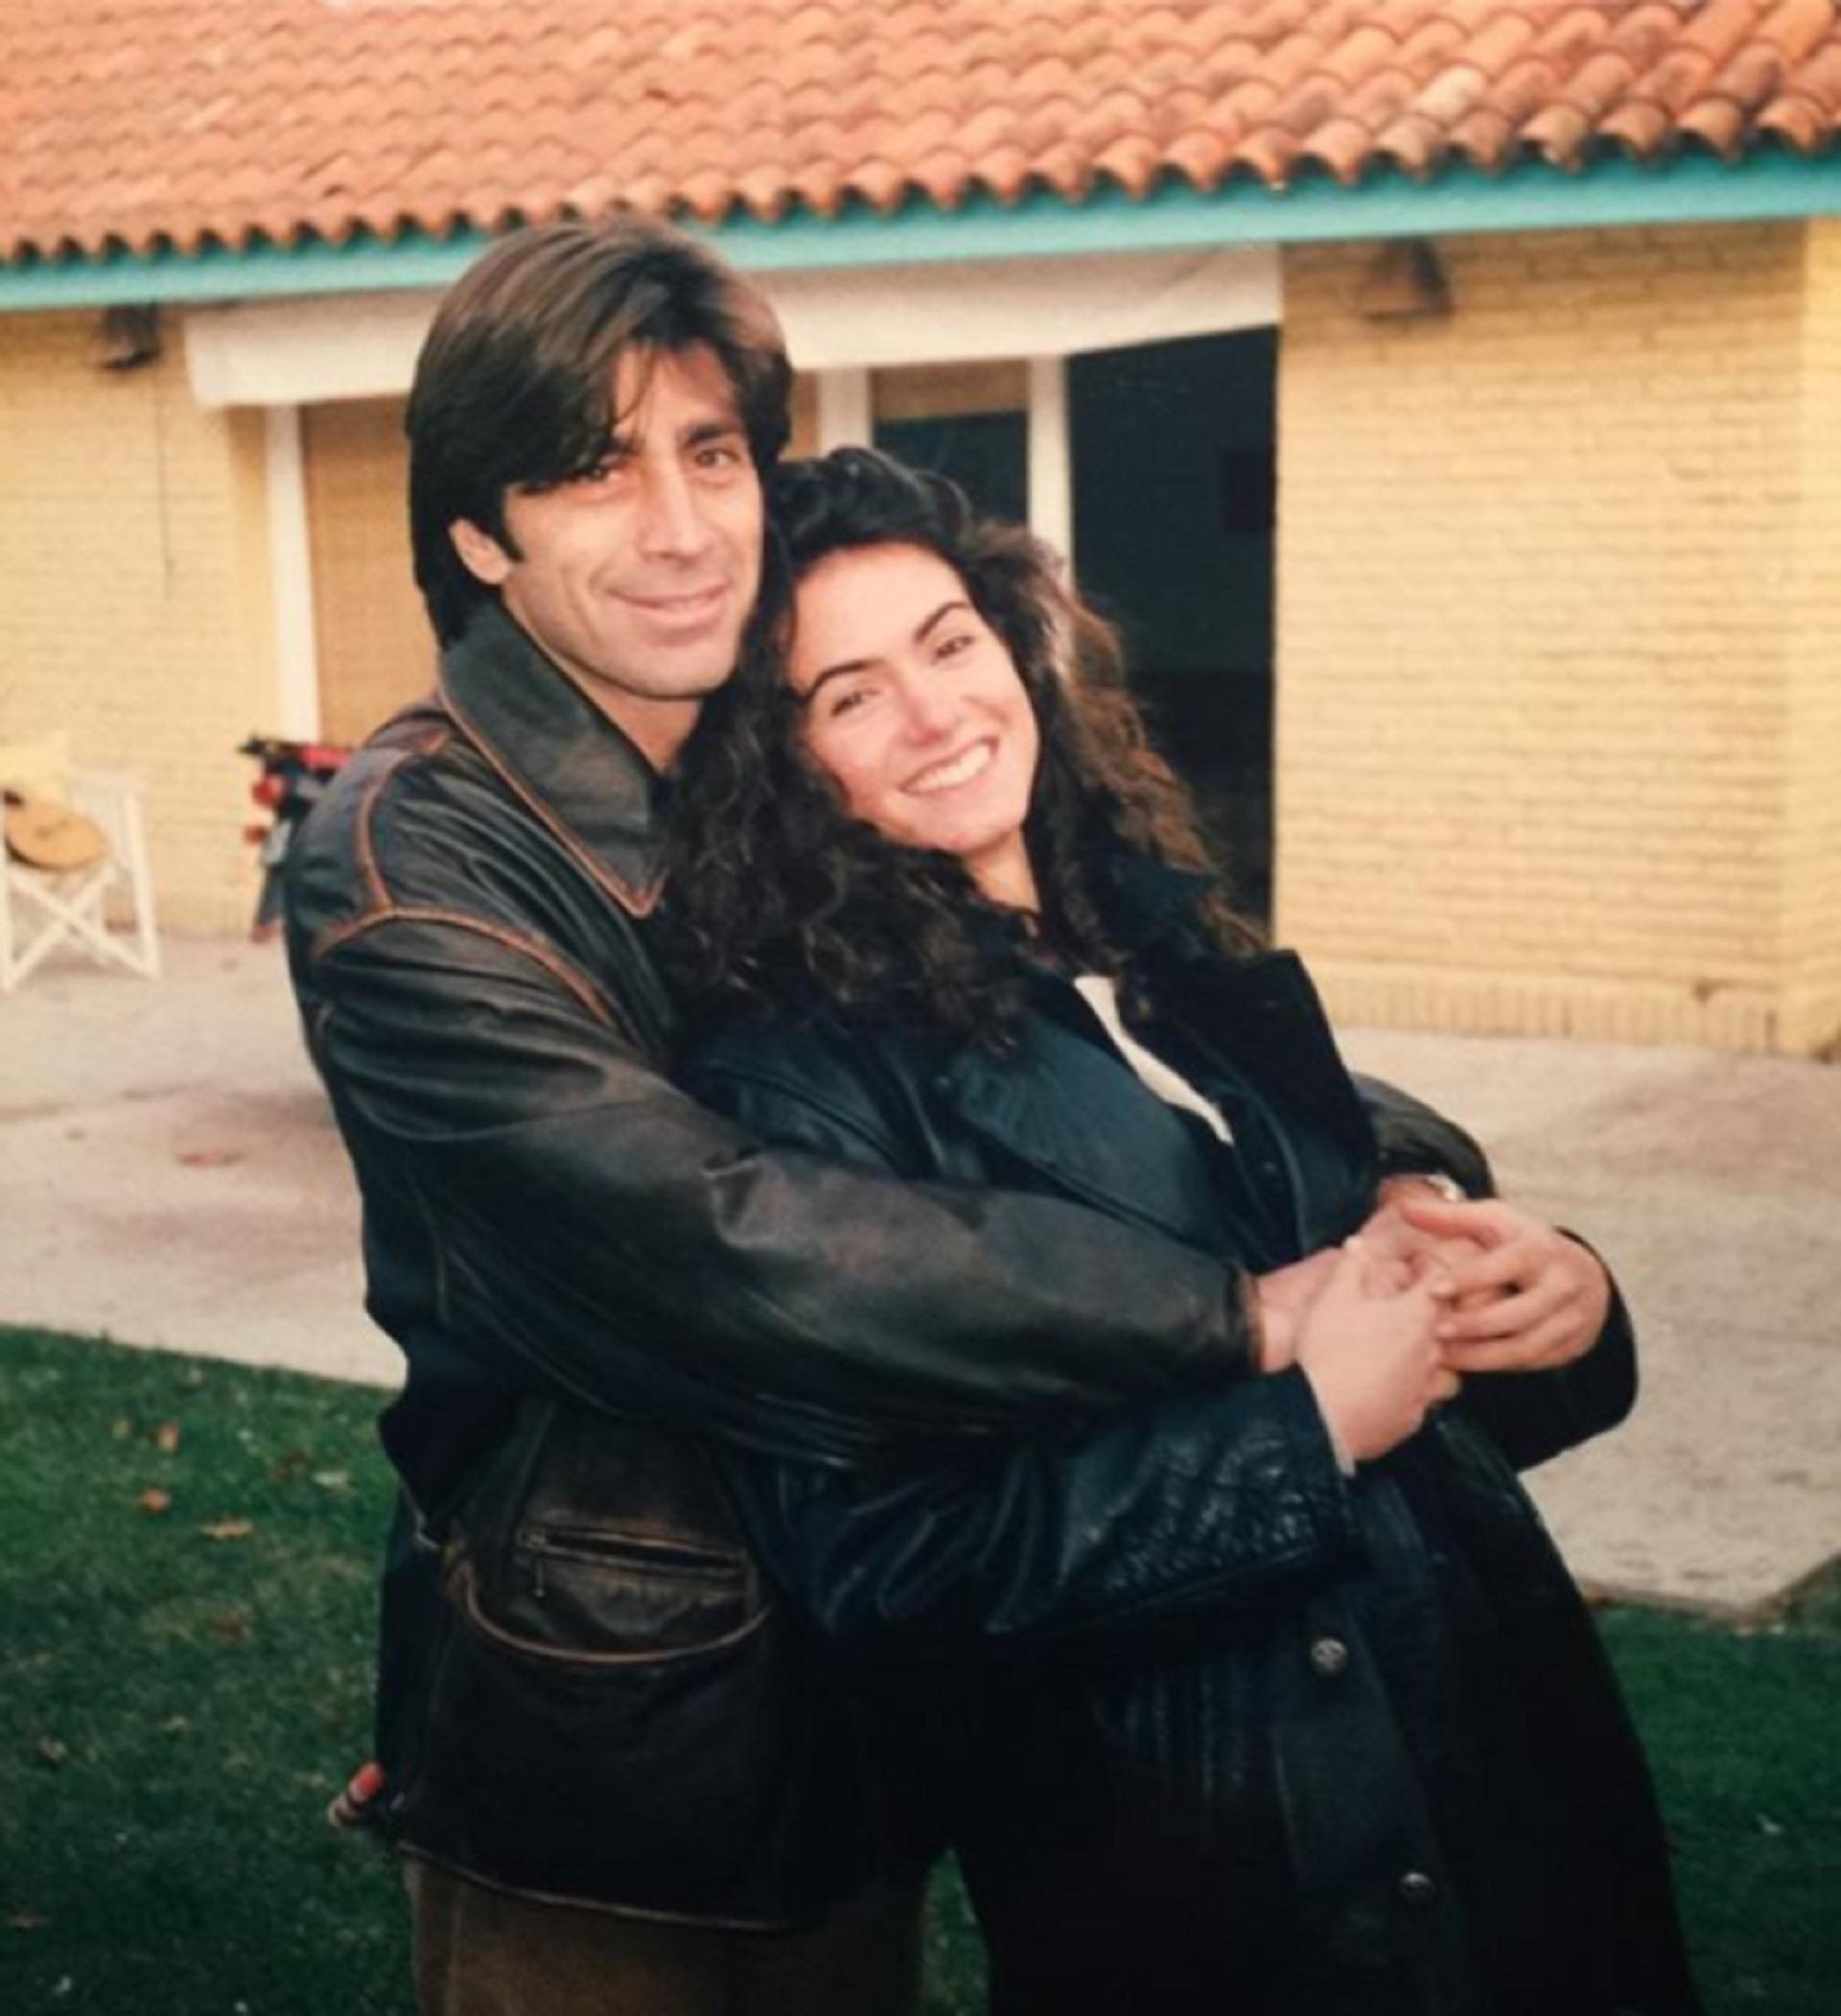 Nico Repetto y Flor Raggi, ambos con looks de camperas de cuero a fines de los 90